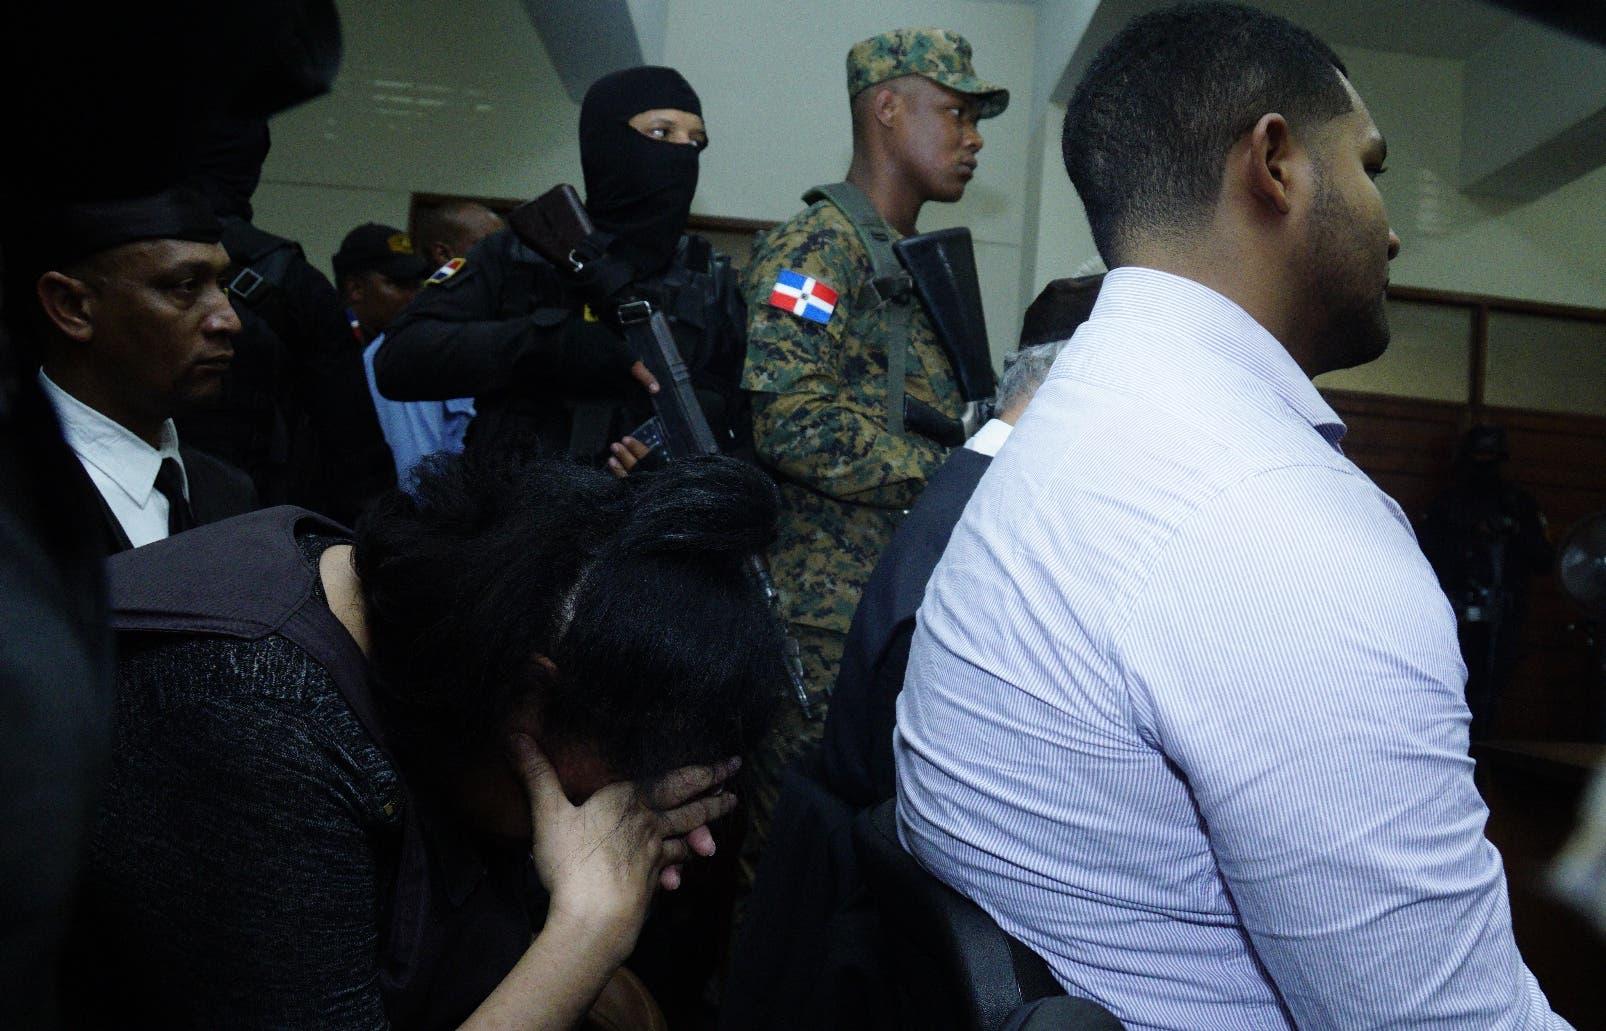 Se espera que tanto los abogados de la parte acusadora, de defensa y el Ministerio Público apelen la decisión. Elieser Tapia